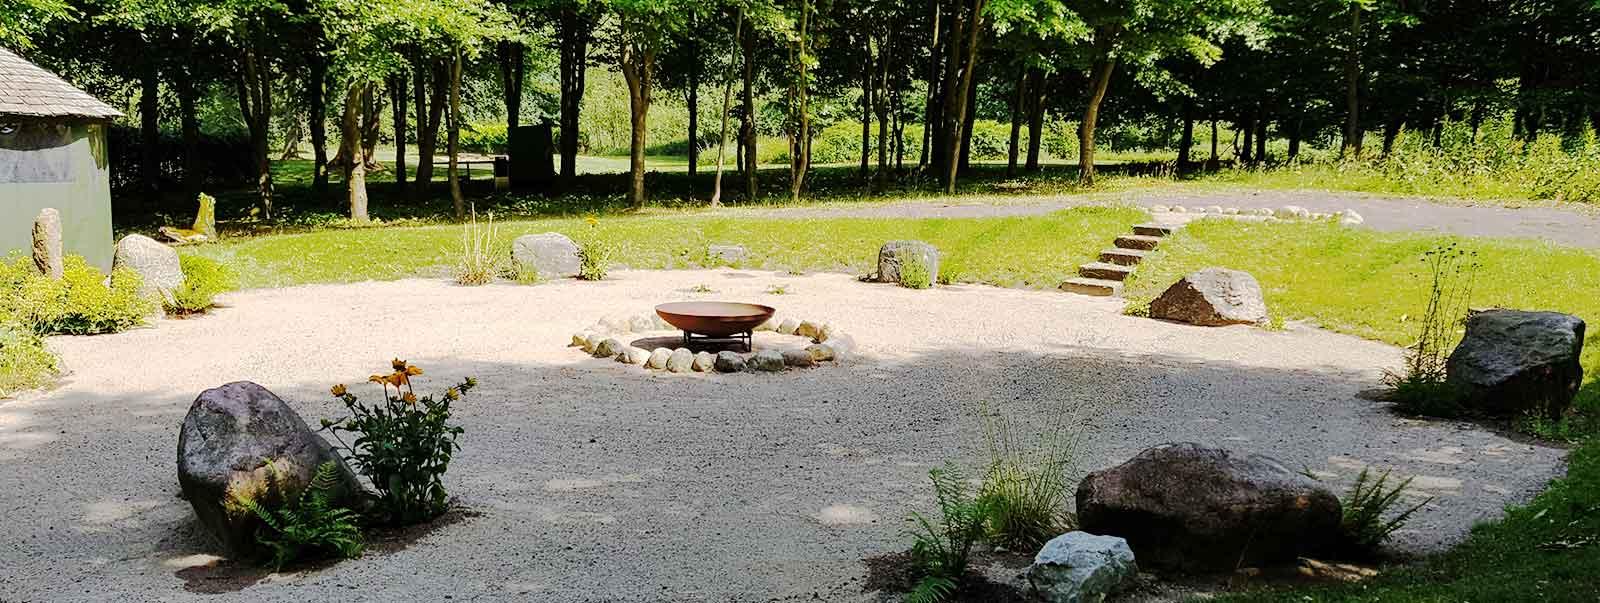 Senkgärten zusammen mit Freunden am Feuer im eigenen Garten